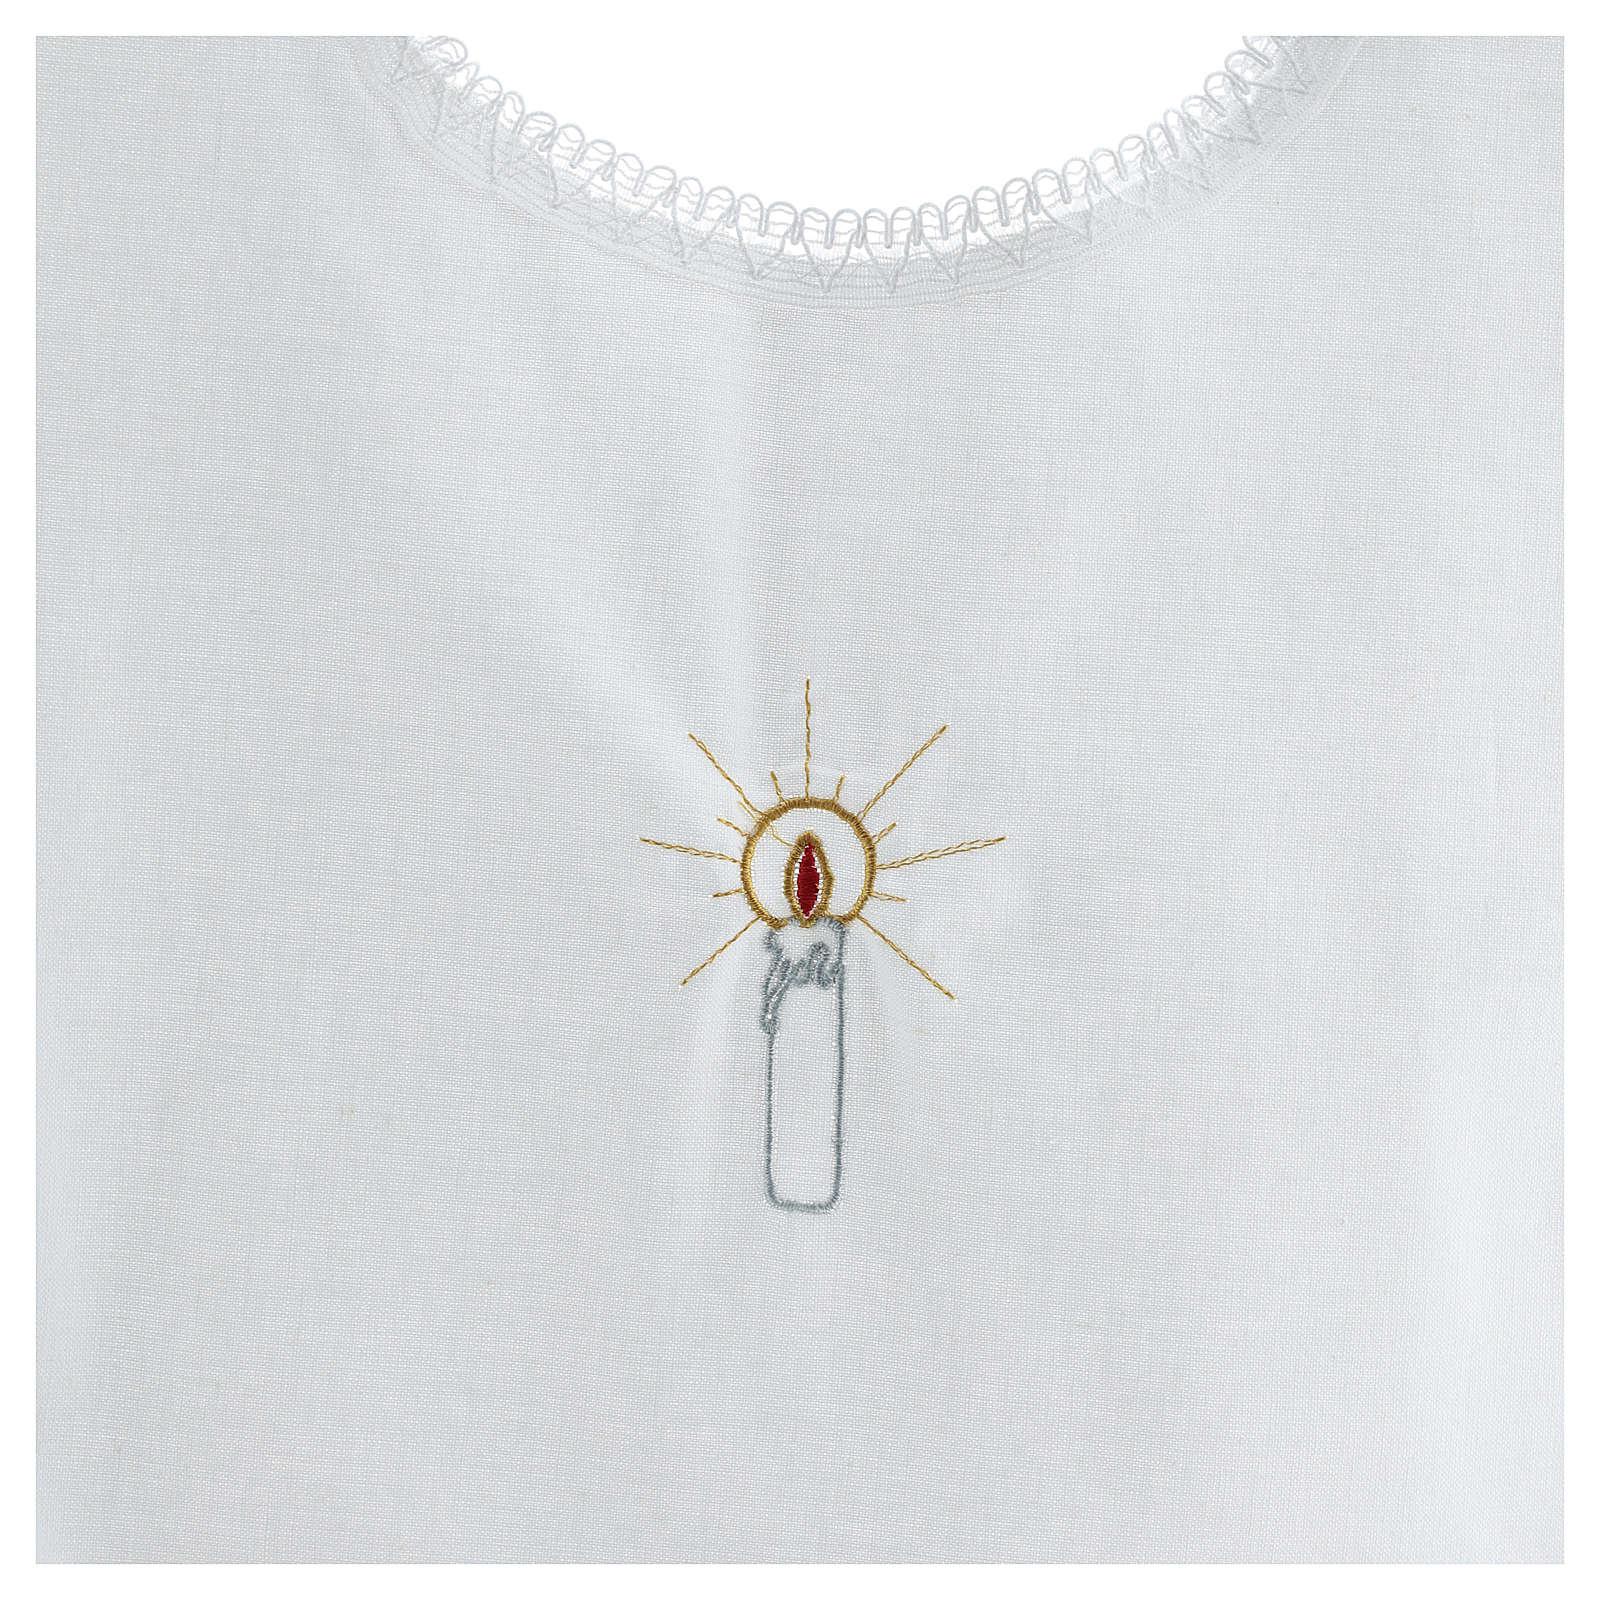 Túnica batismo bordado vela 100% algodão 4